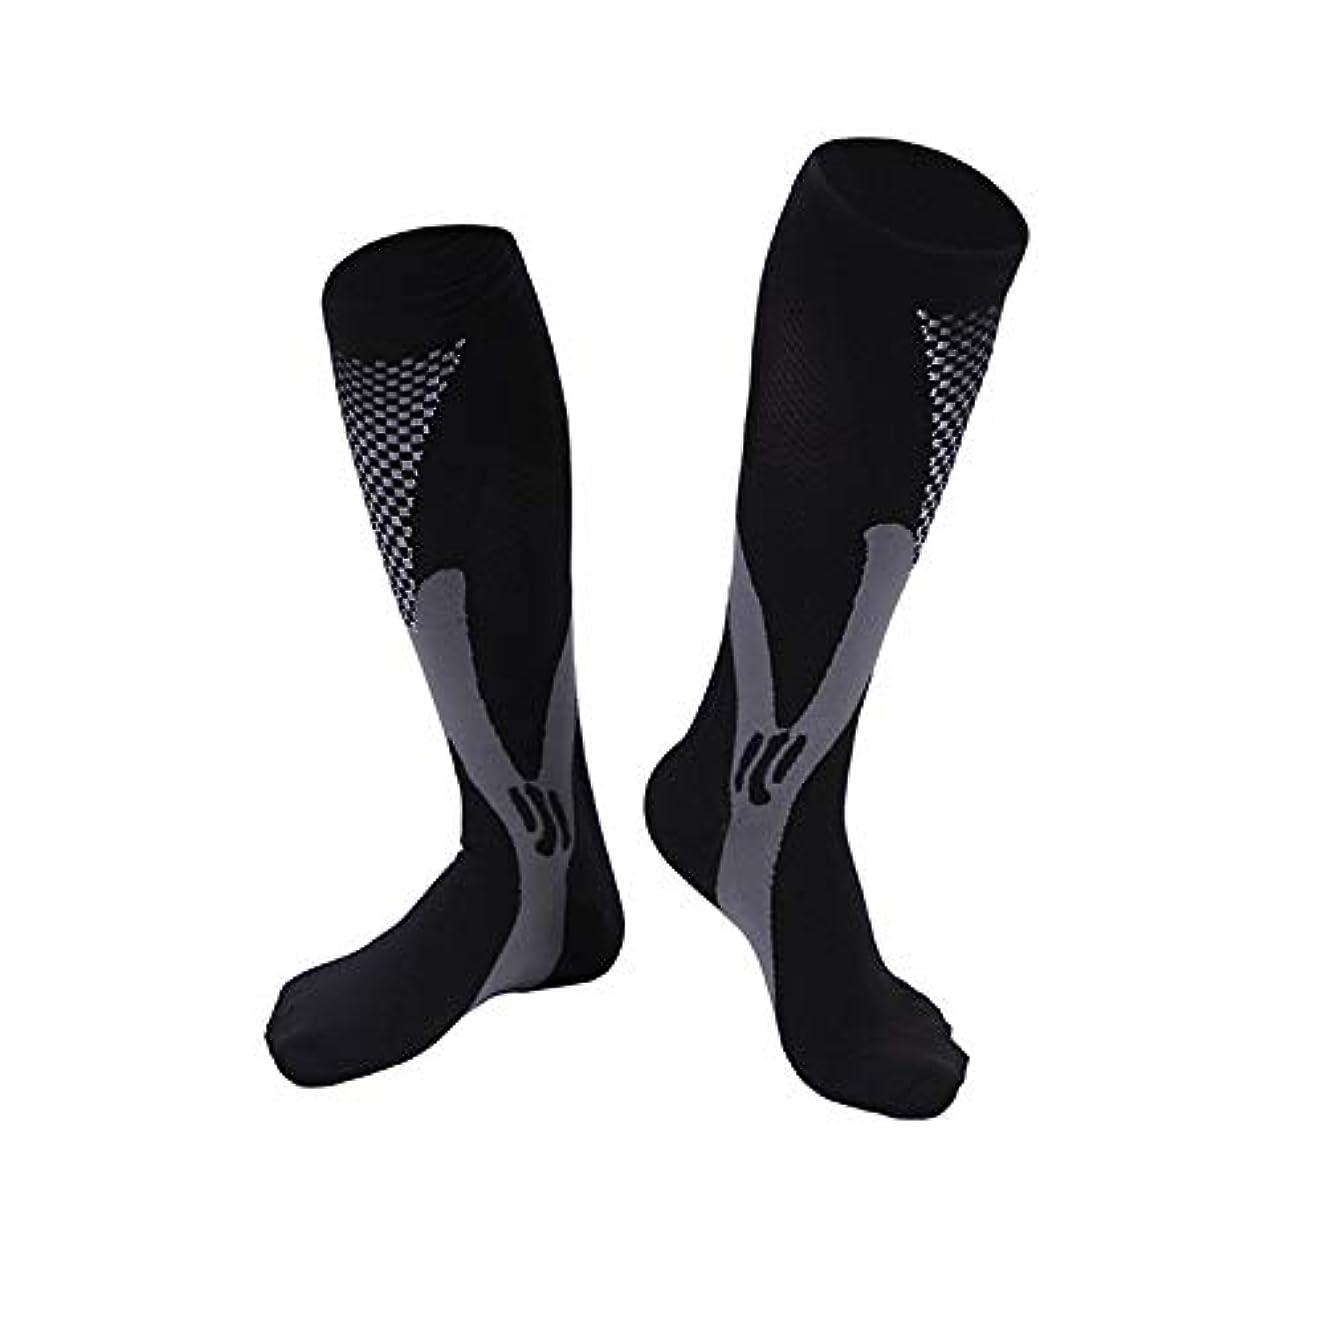 あいにく配る提案快適な男性女性ファッションレッグサポートストレッチ圧縮ソックス下膝ソックスレッグサポートストレッチ通気性ソックス - ブラック2 XL